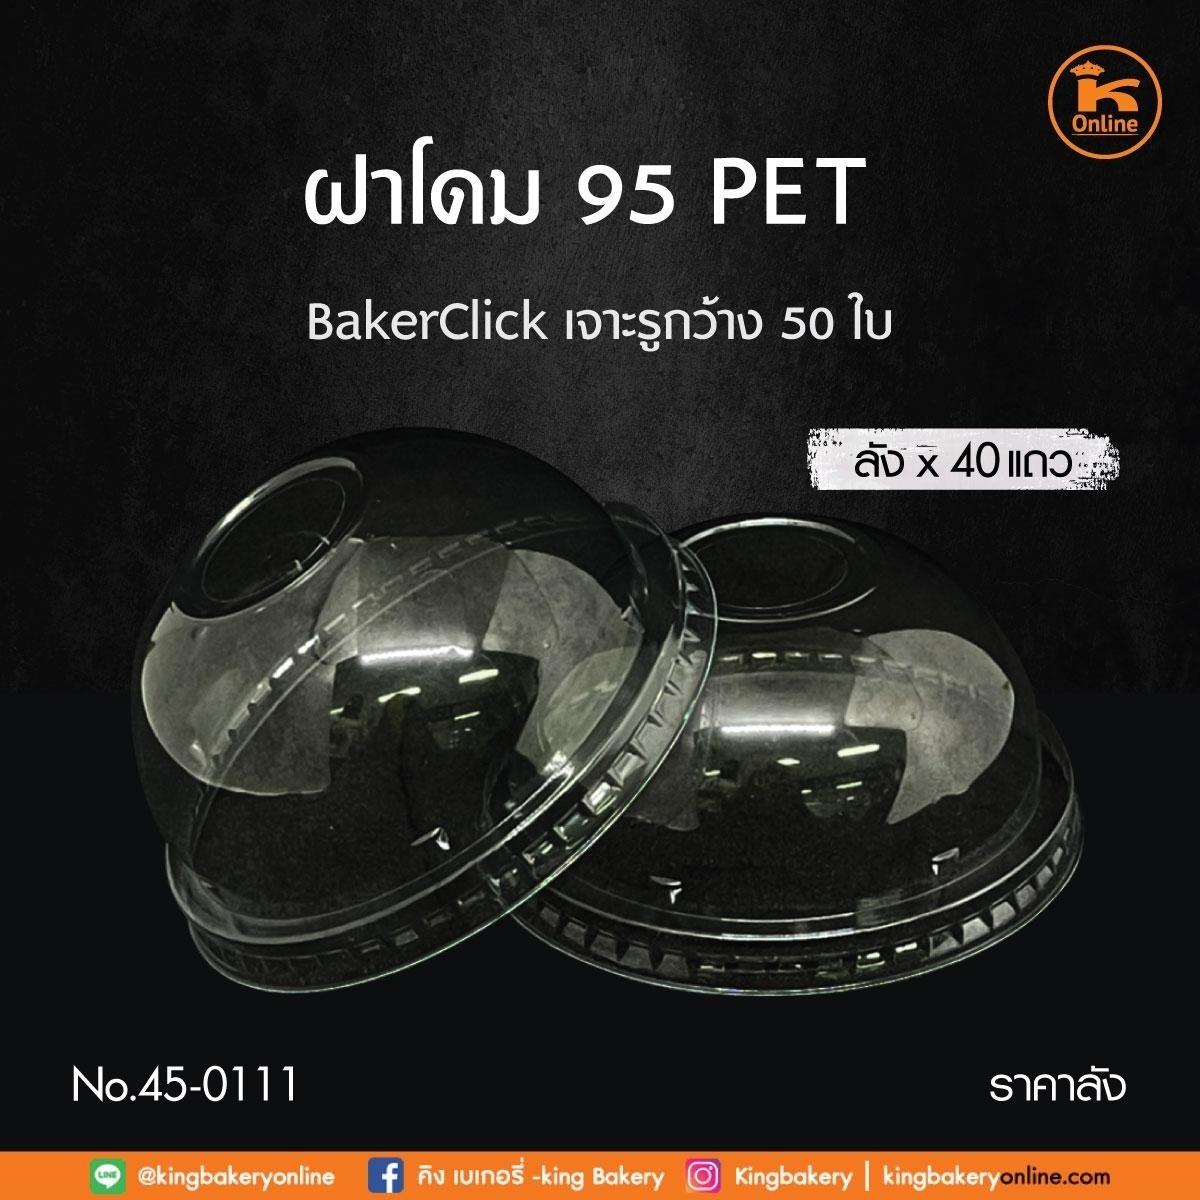 #ยกลัง(40แถว)  SL ฝาโดม 95 PET BakerClick เจาะรูกว้าง 50 ใบ (1ลังx40แถว)